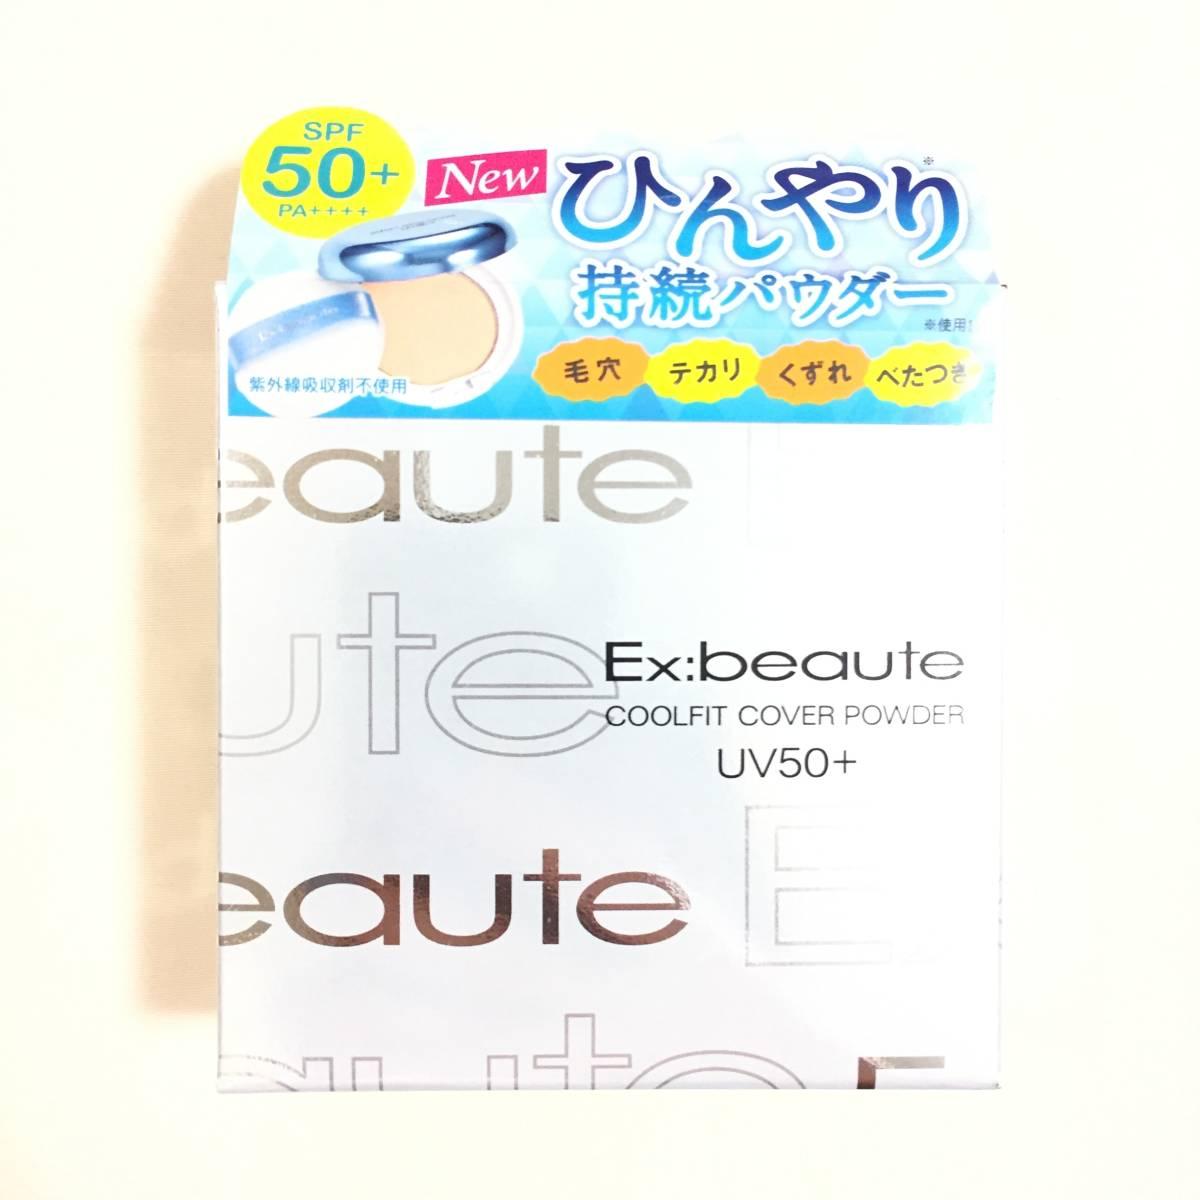 新品◆Ex:beaute(エクスボーテ) クールフィットカバーパウダー UV50+ (フェースパウダー)◆_画像1